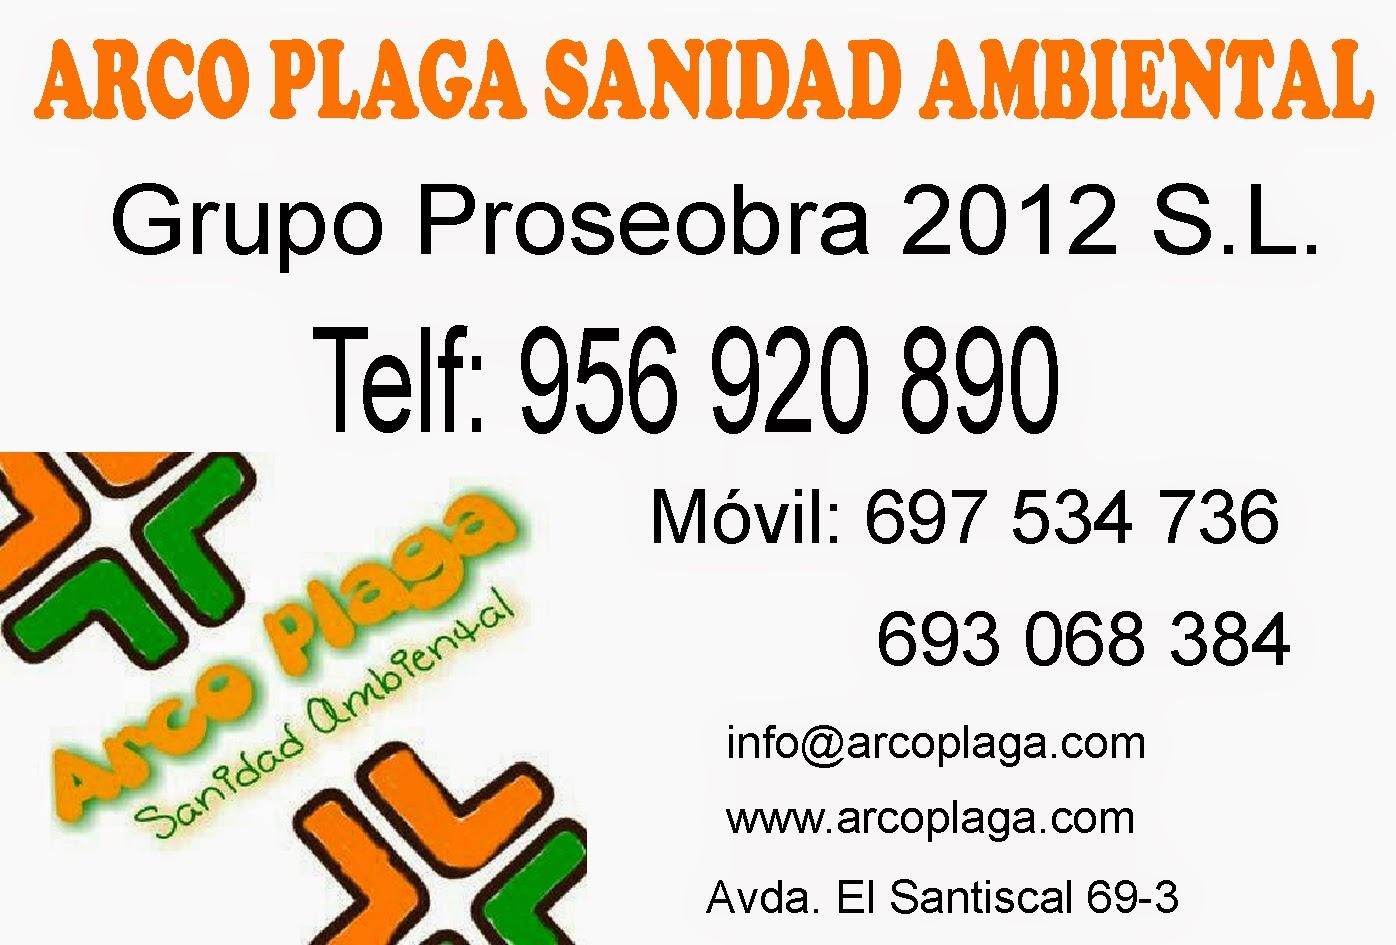 Arco Plaga